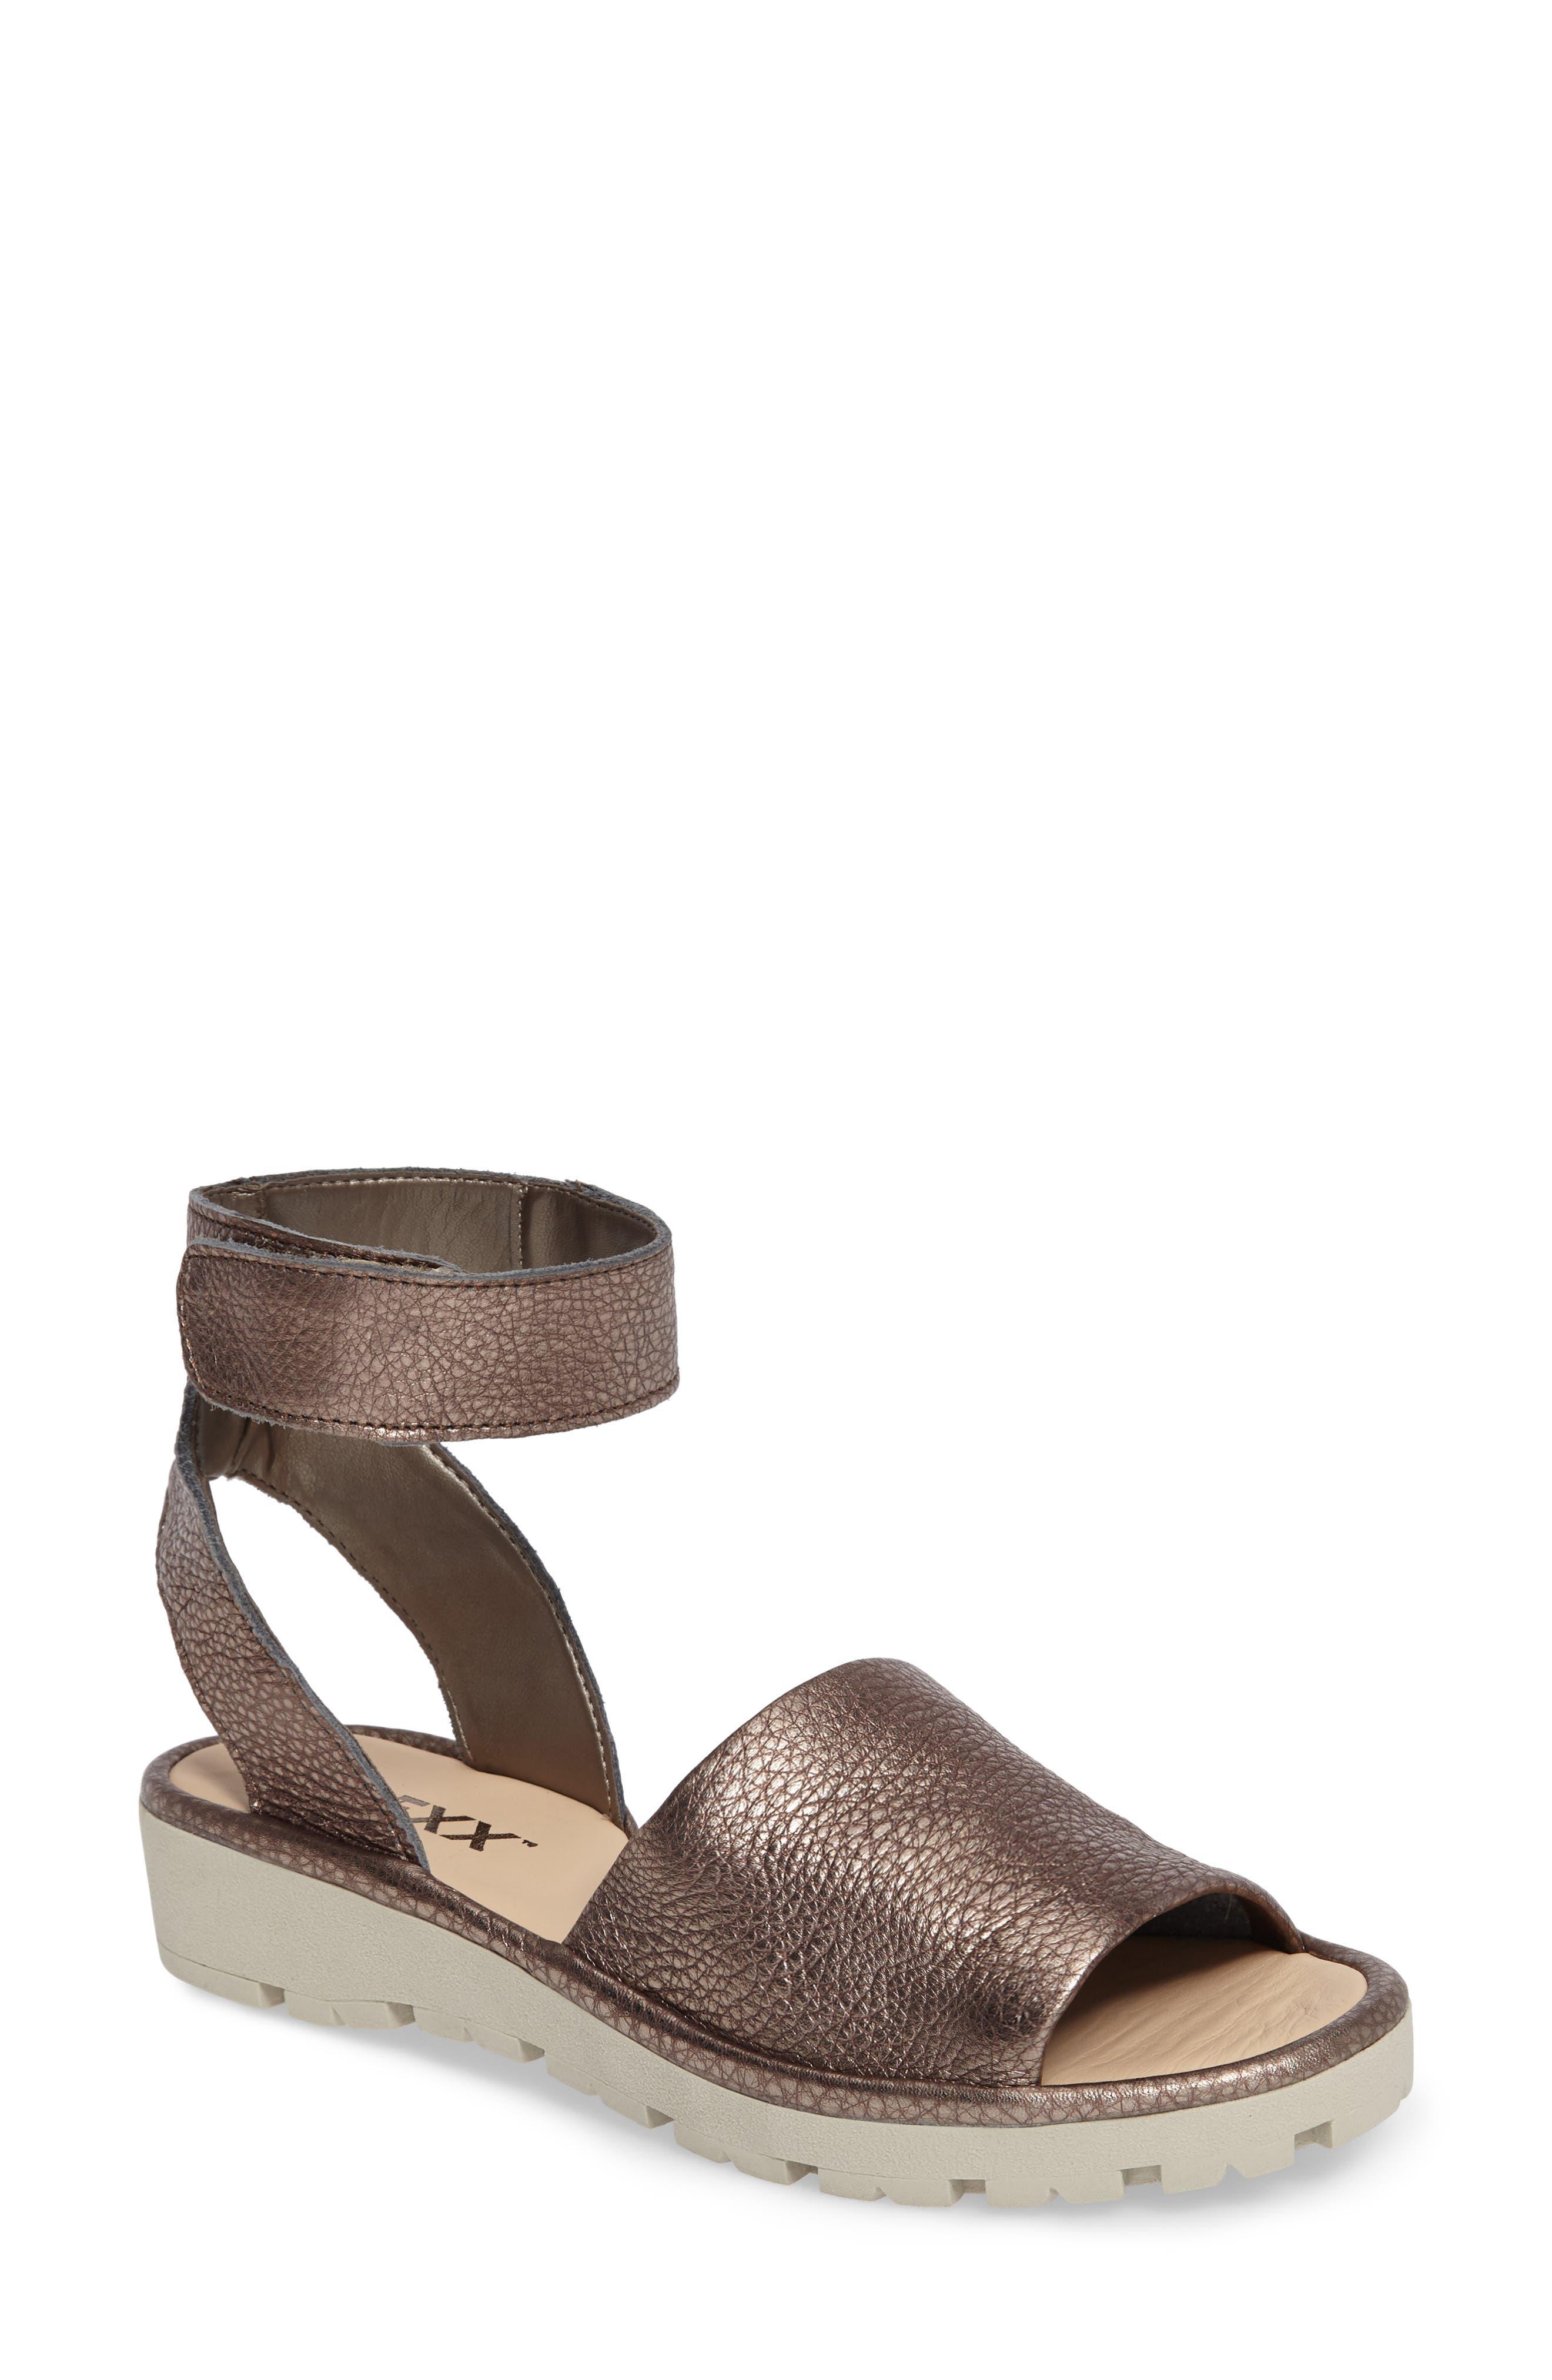 The FLEXX 'Sunscape' Ankle Strap Sandal (Women)